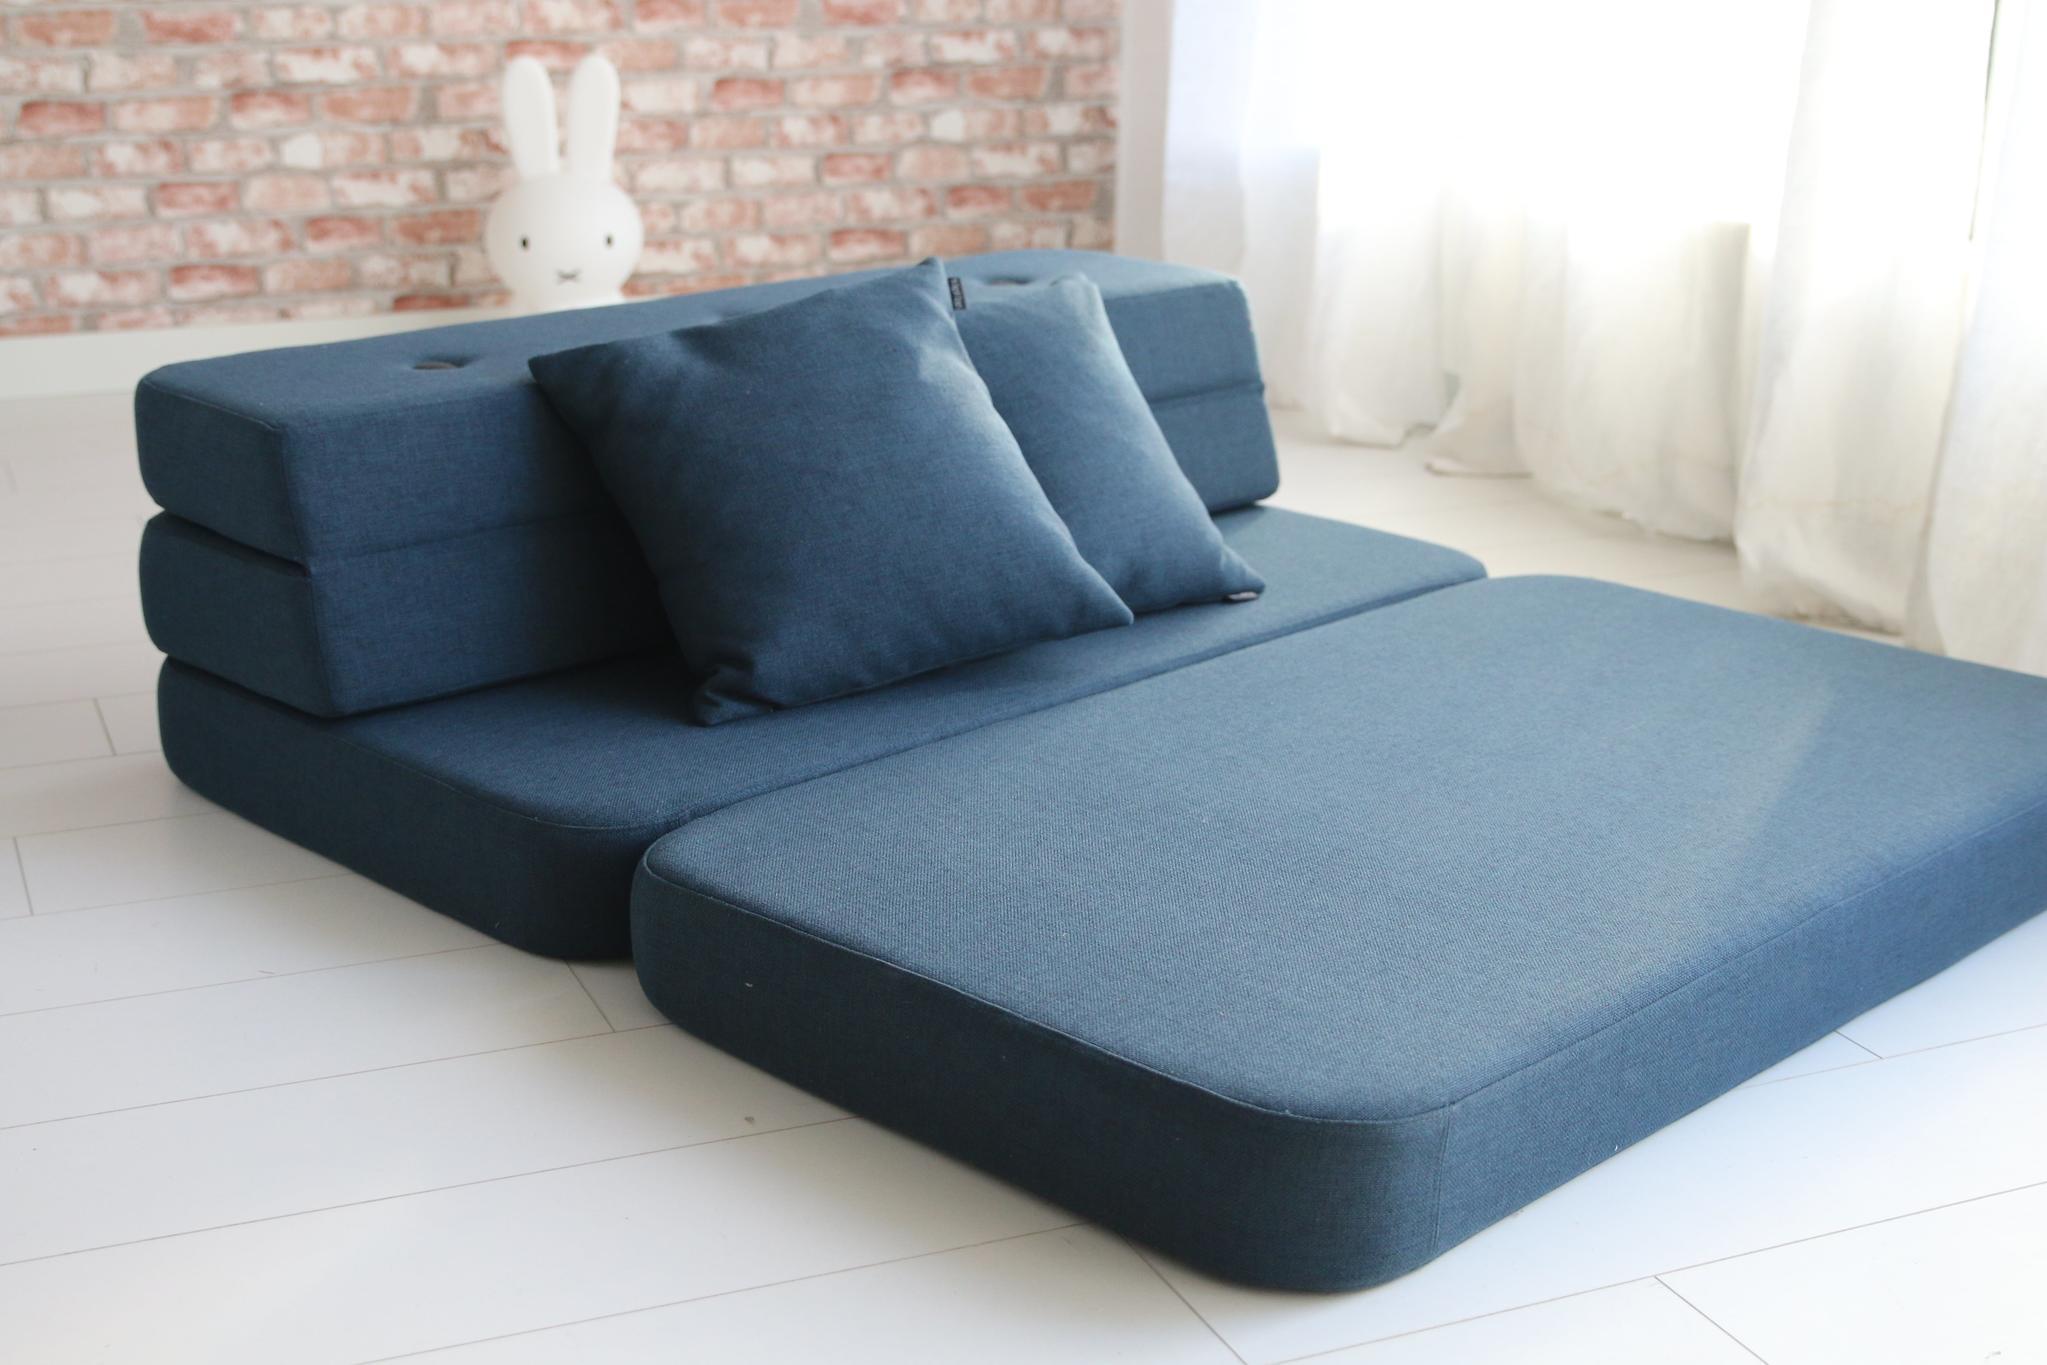 ByKlipKlap sofa lounge